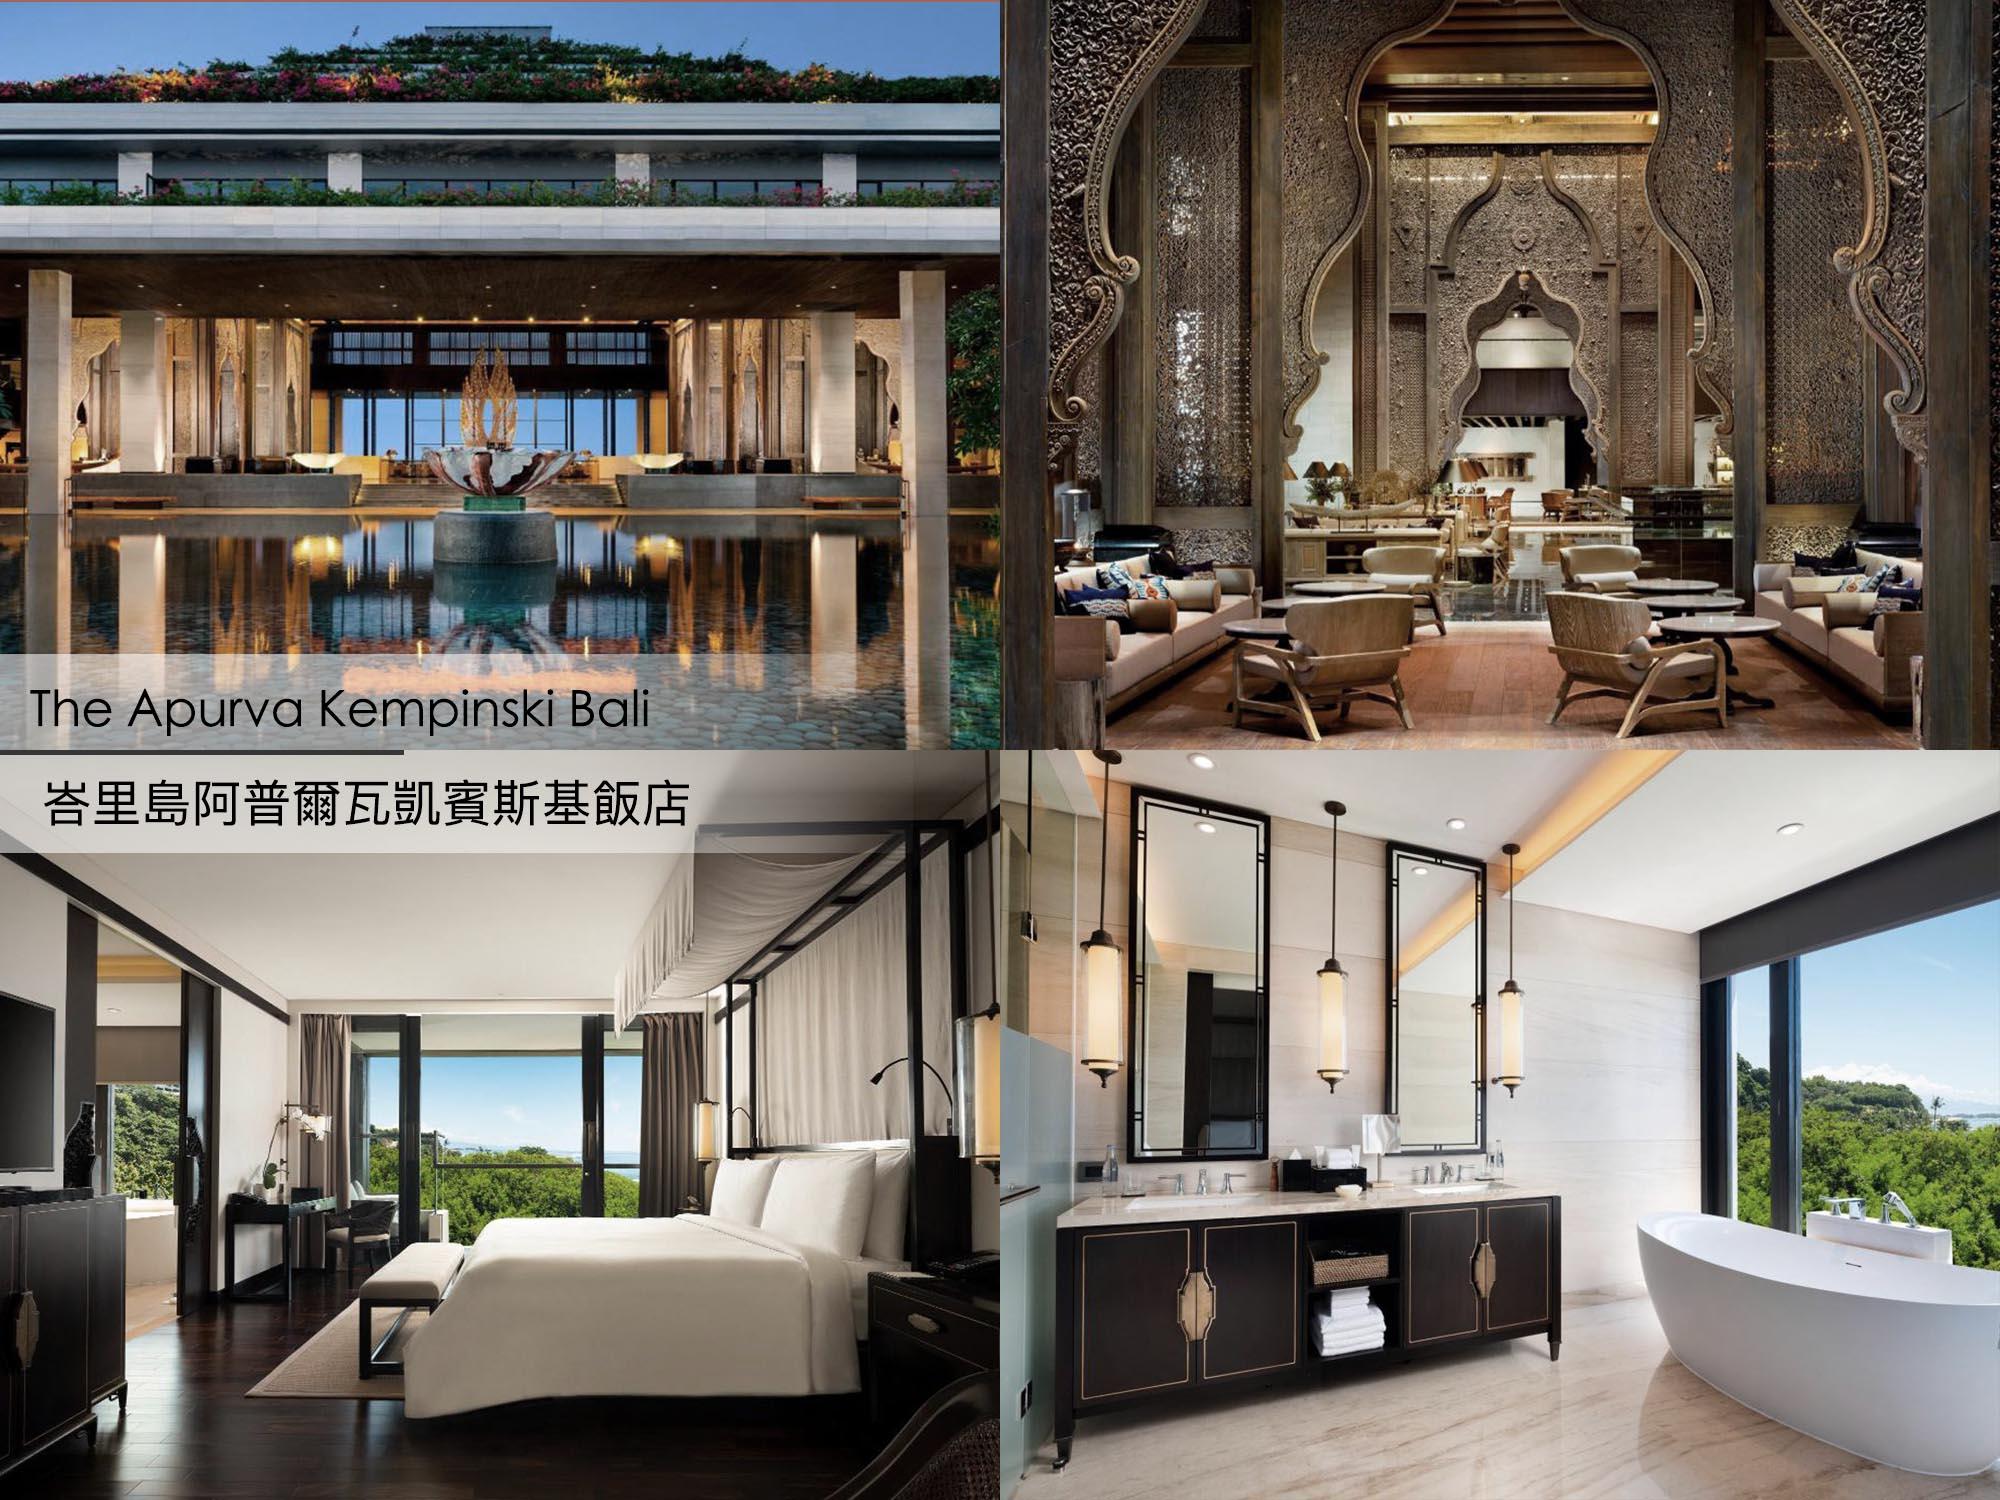 峇里島阿普爾瓦凱賓斯基飯店